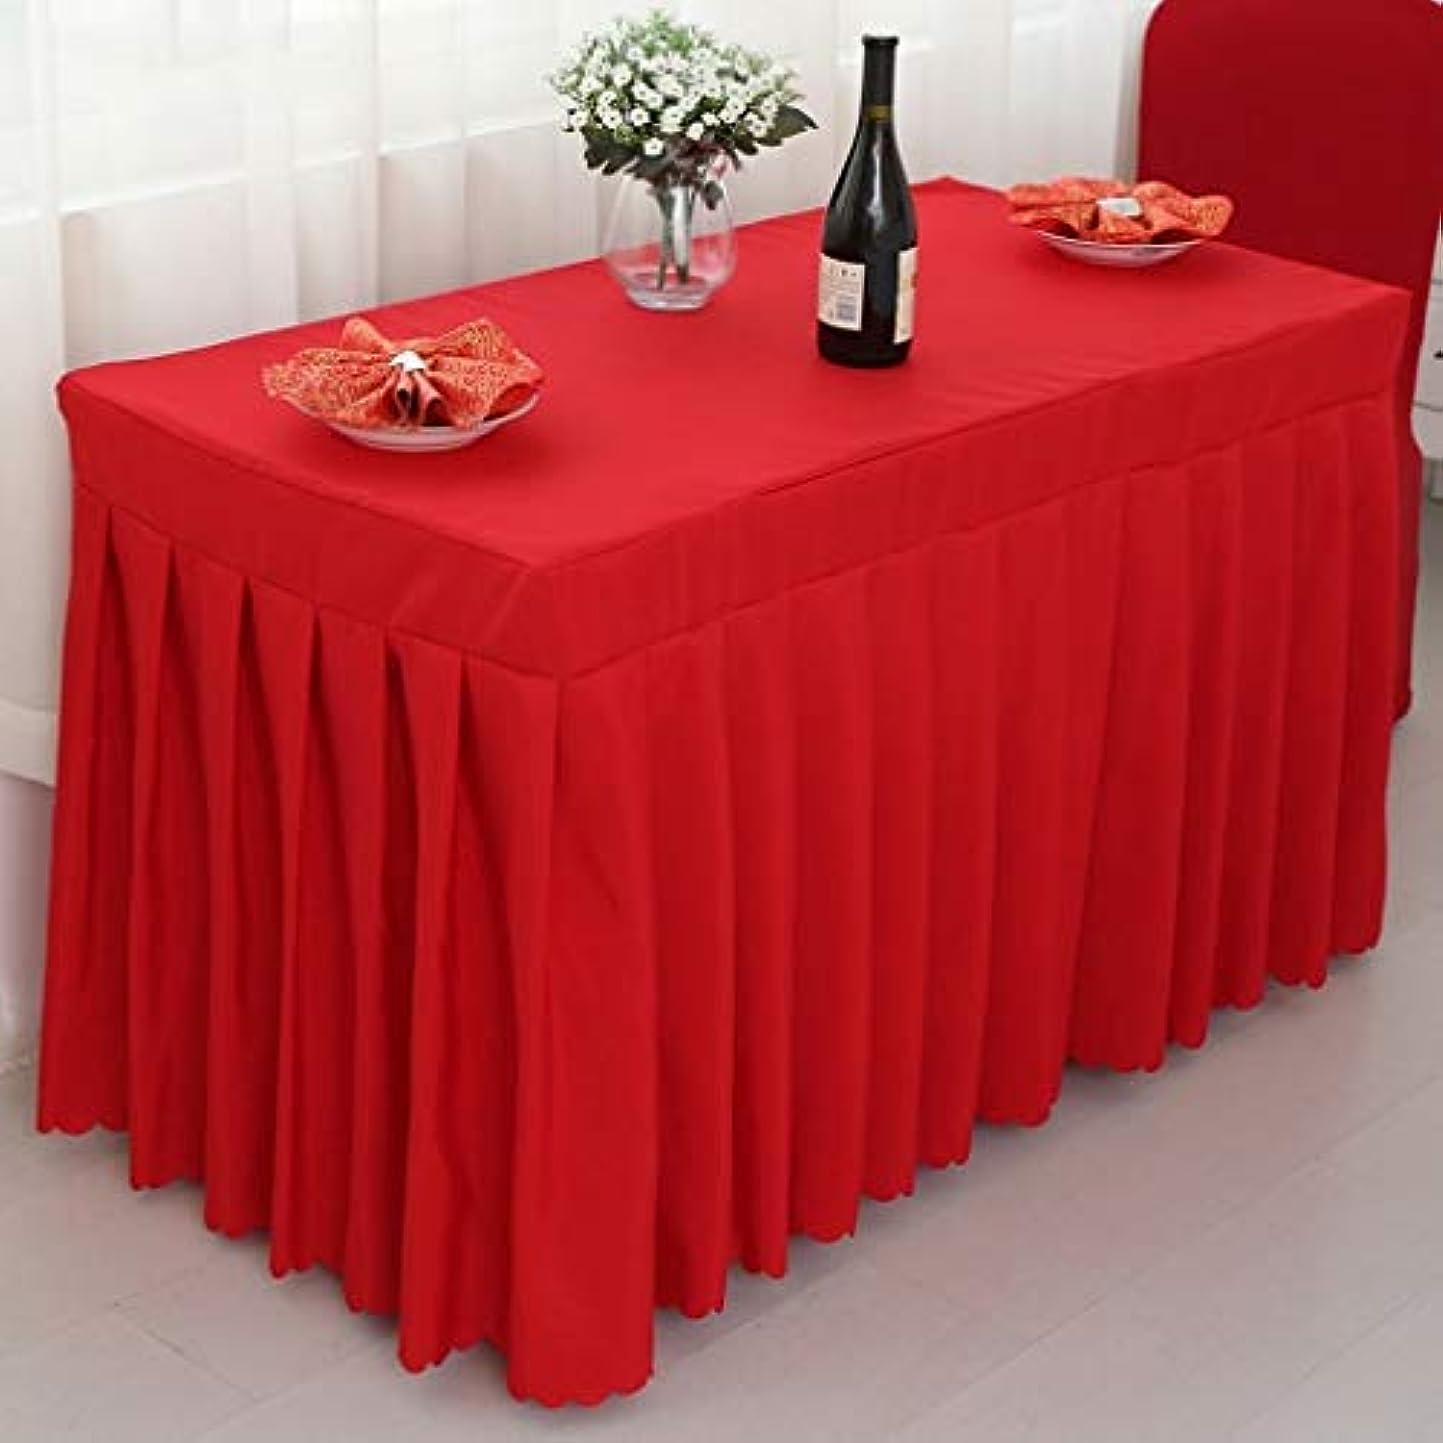 オプションさておき電球Radviha 表スカート展示活動長方形テーブルクロスのテーブルスカートホテルミーティングテーブルクロスチェック (Color : Red, Size : 45*180*75CM)